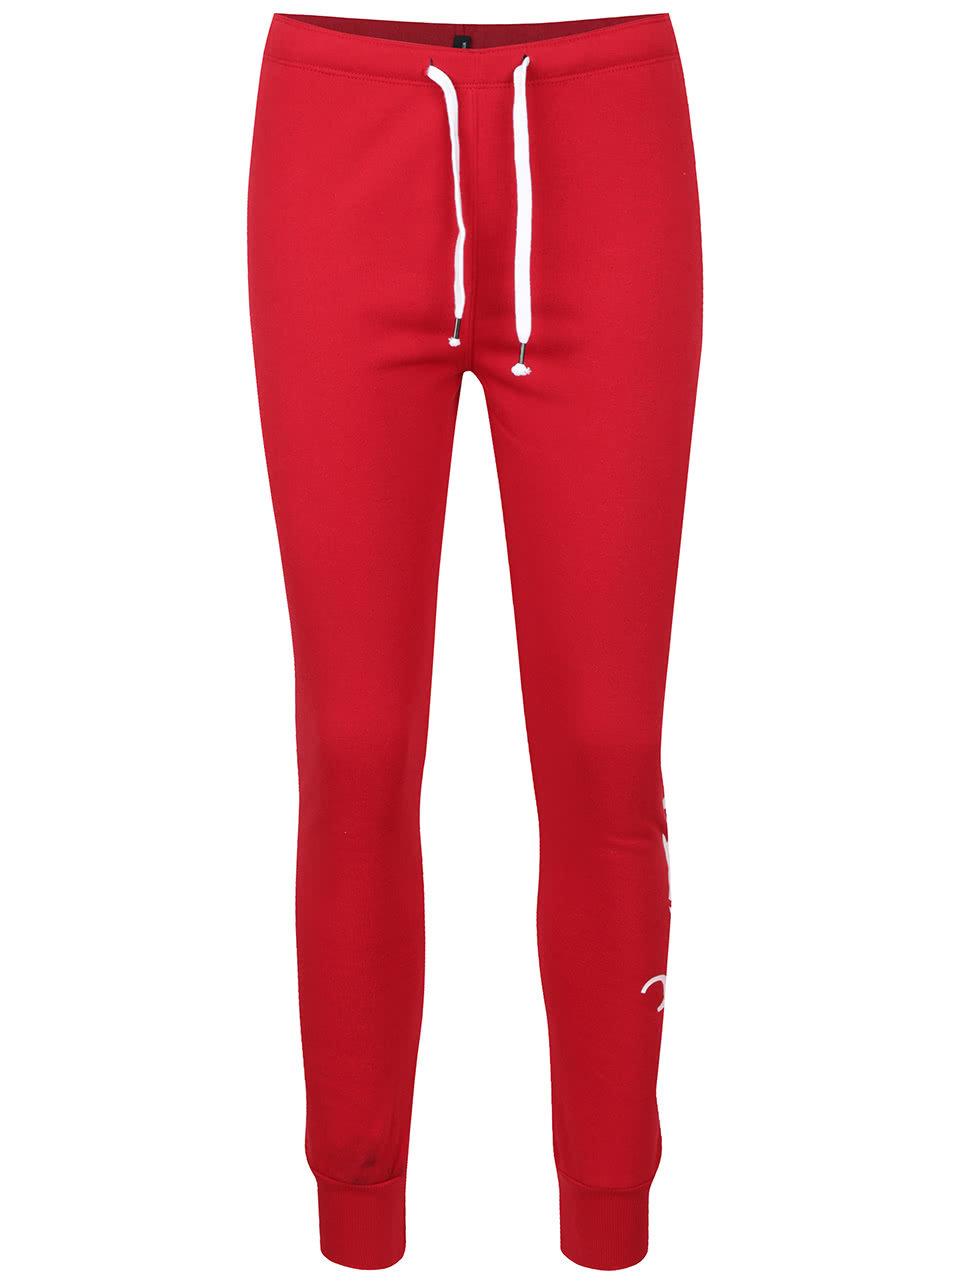 7e90907bb65 Červené tepláky s potlačou na ľavej nohavici TALLY WEiJL ...